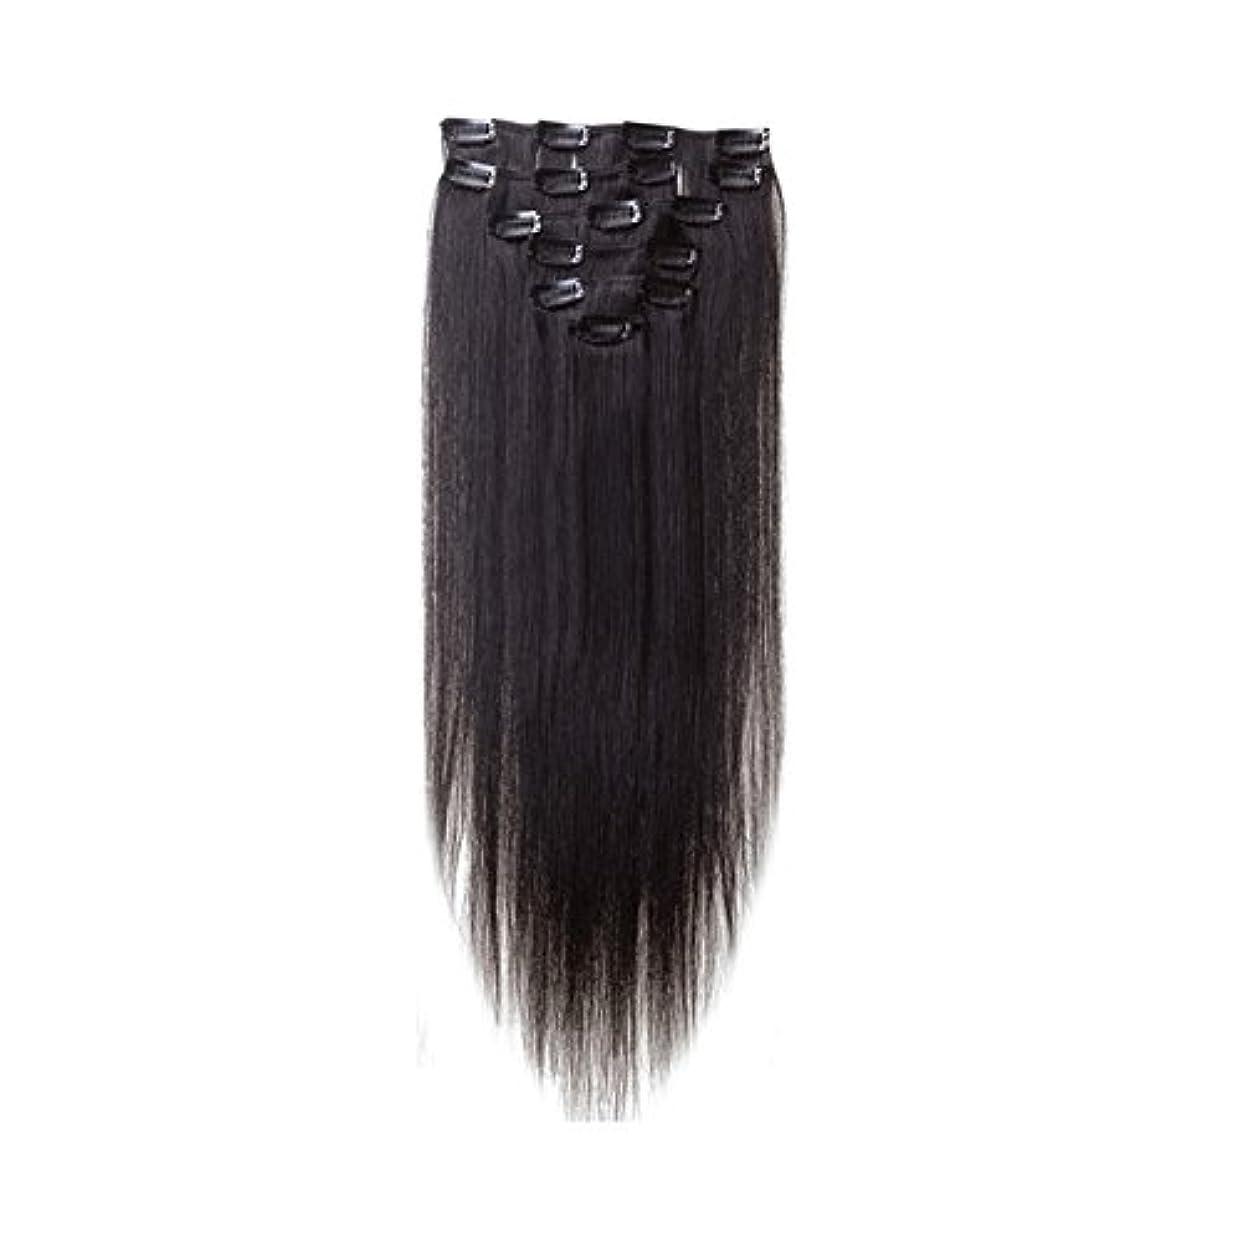 比べるラボ支配的ヘアエクステンション,SODIAL(R) 女性の人間の髪 クリップインヘアエクステンション 7件 70g 22インチ ナチュラルブラック